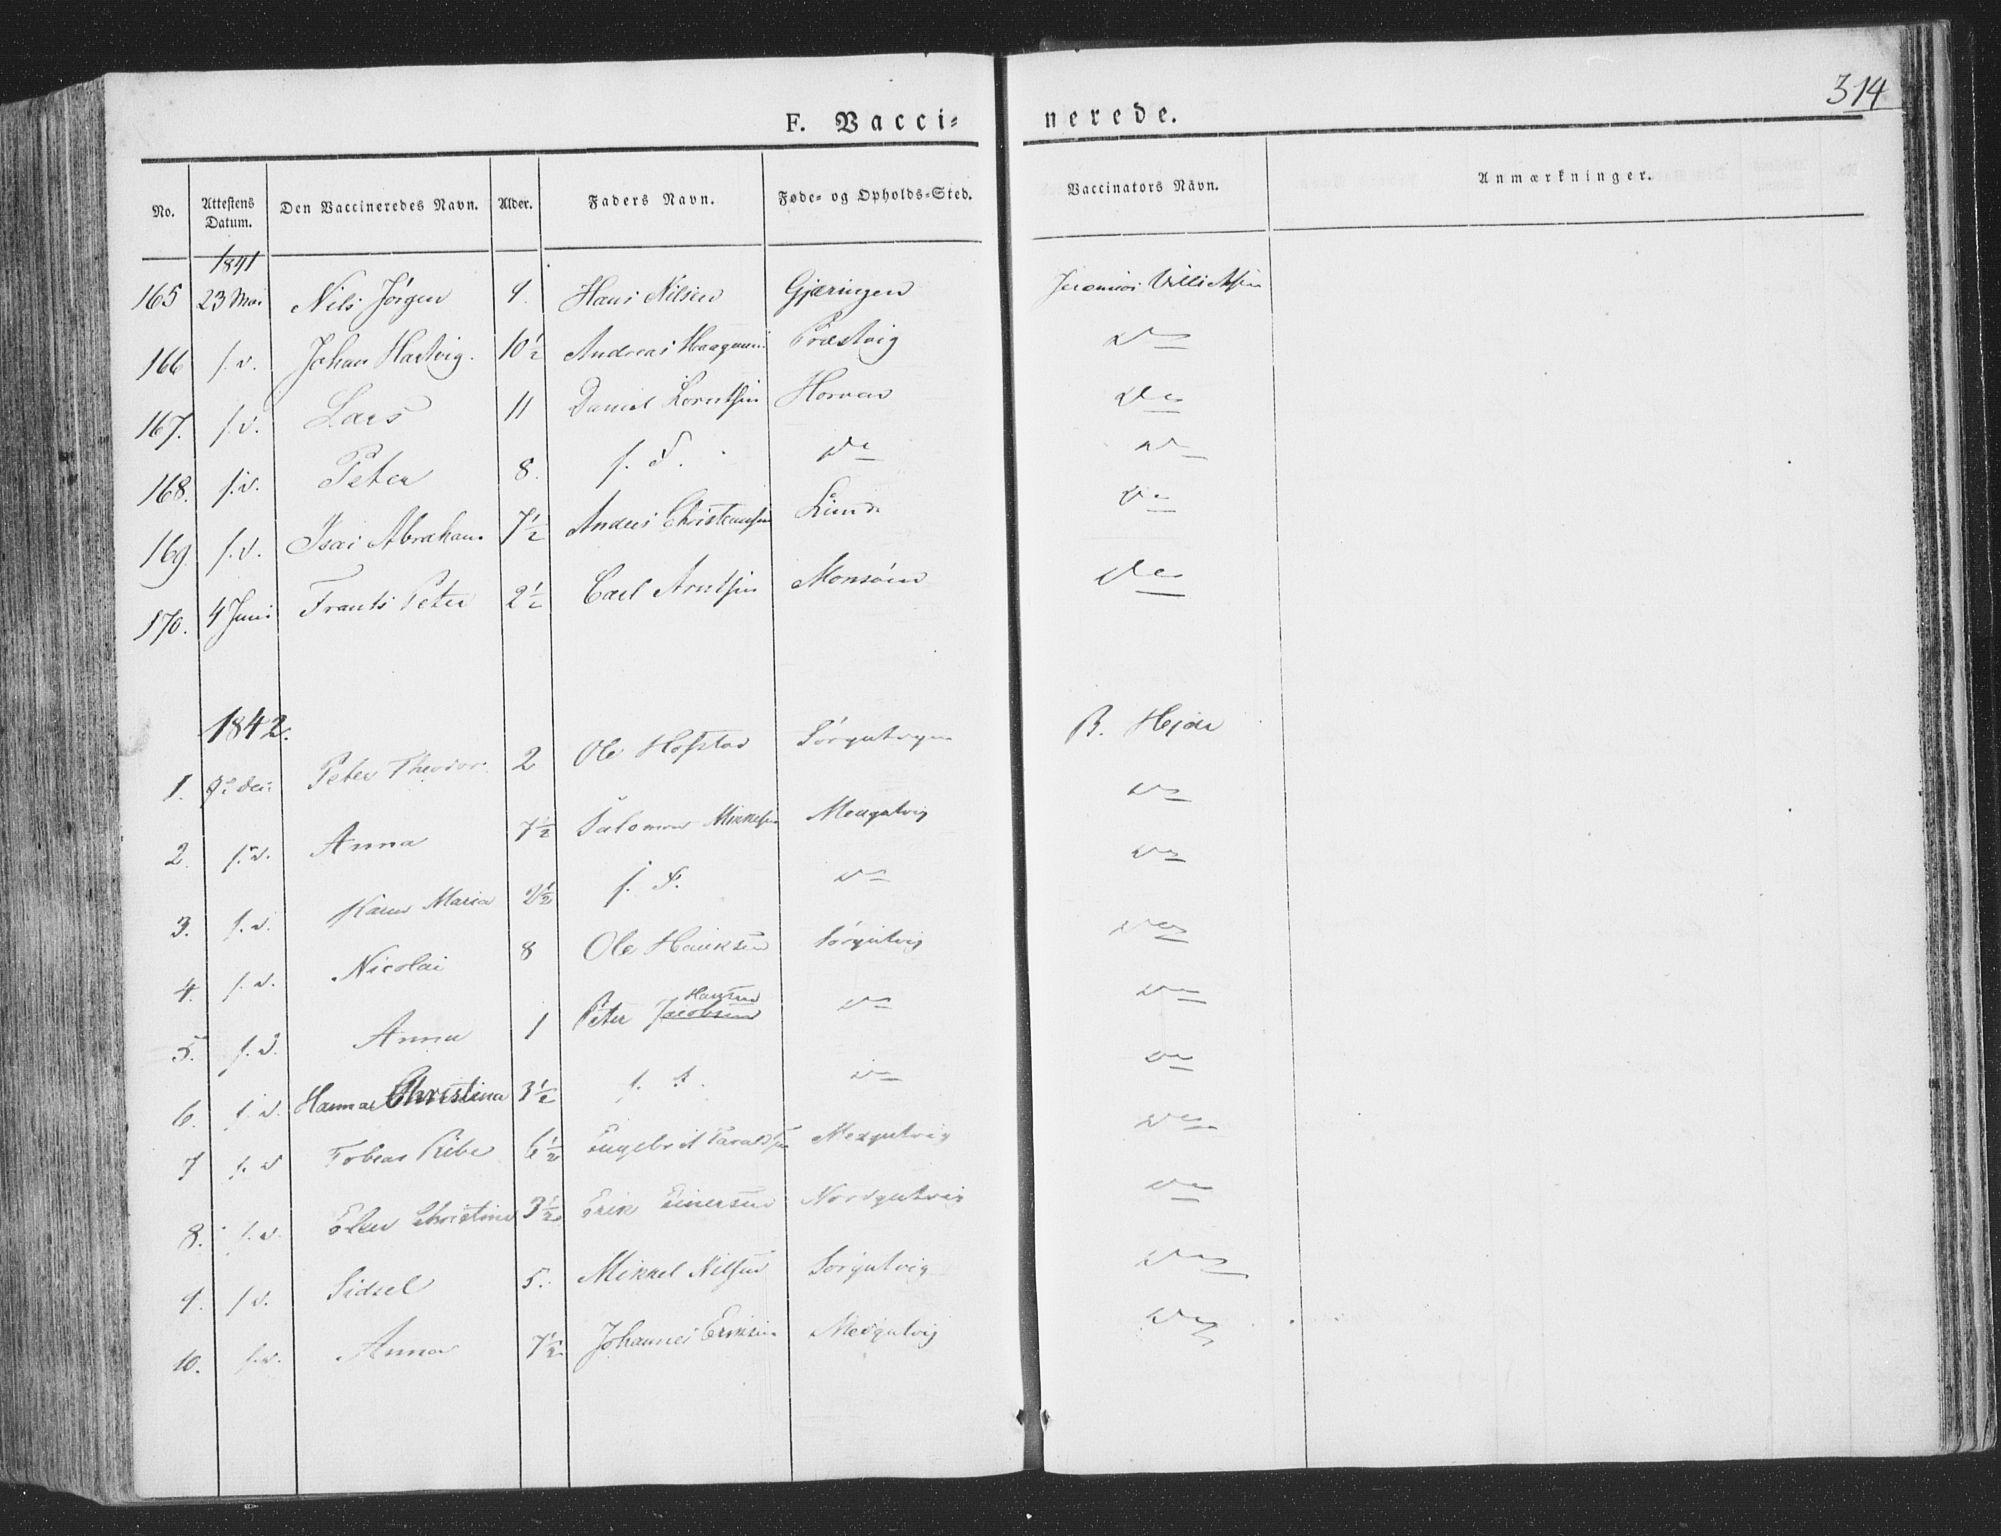 SAT, Ministerialprotokoller, klokkerbøker og fødselsregistre - Nord-Trøndelag, 780/L0639: Ministerialbok nr. 780A04, 1830-1844, s. 314